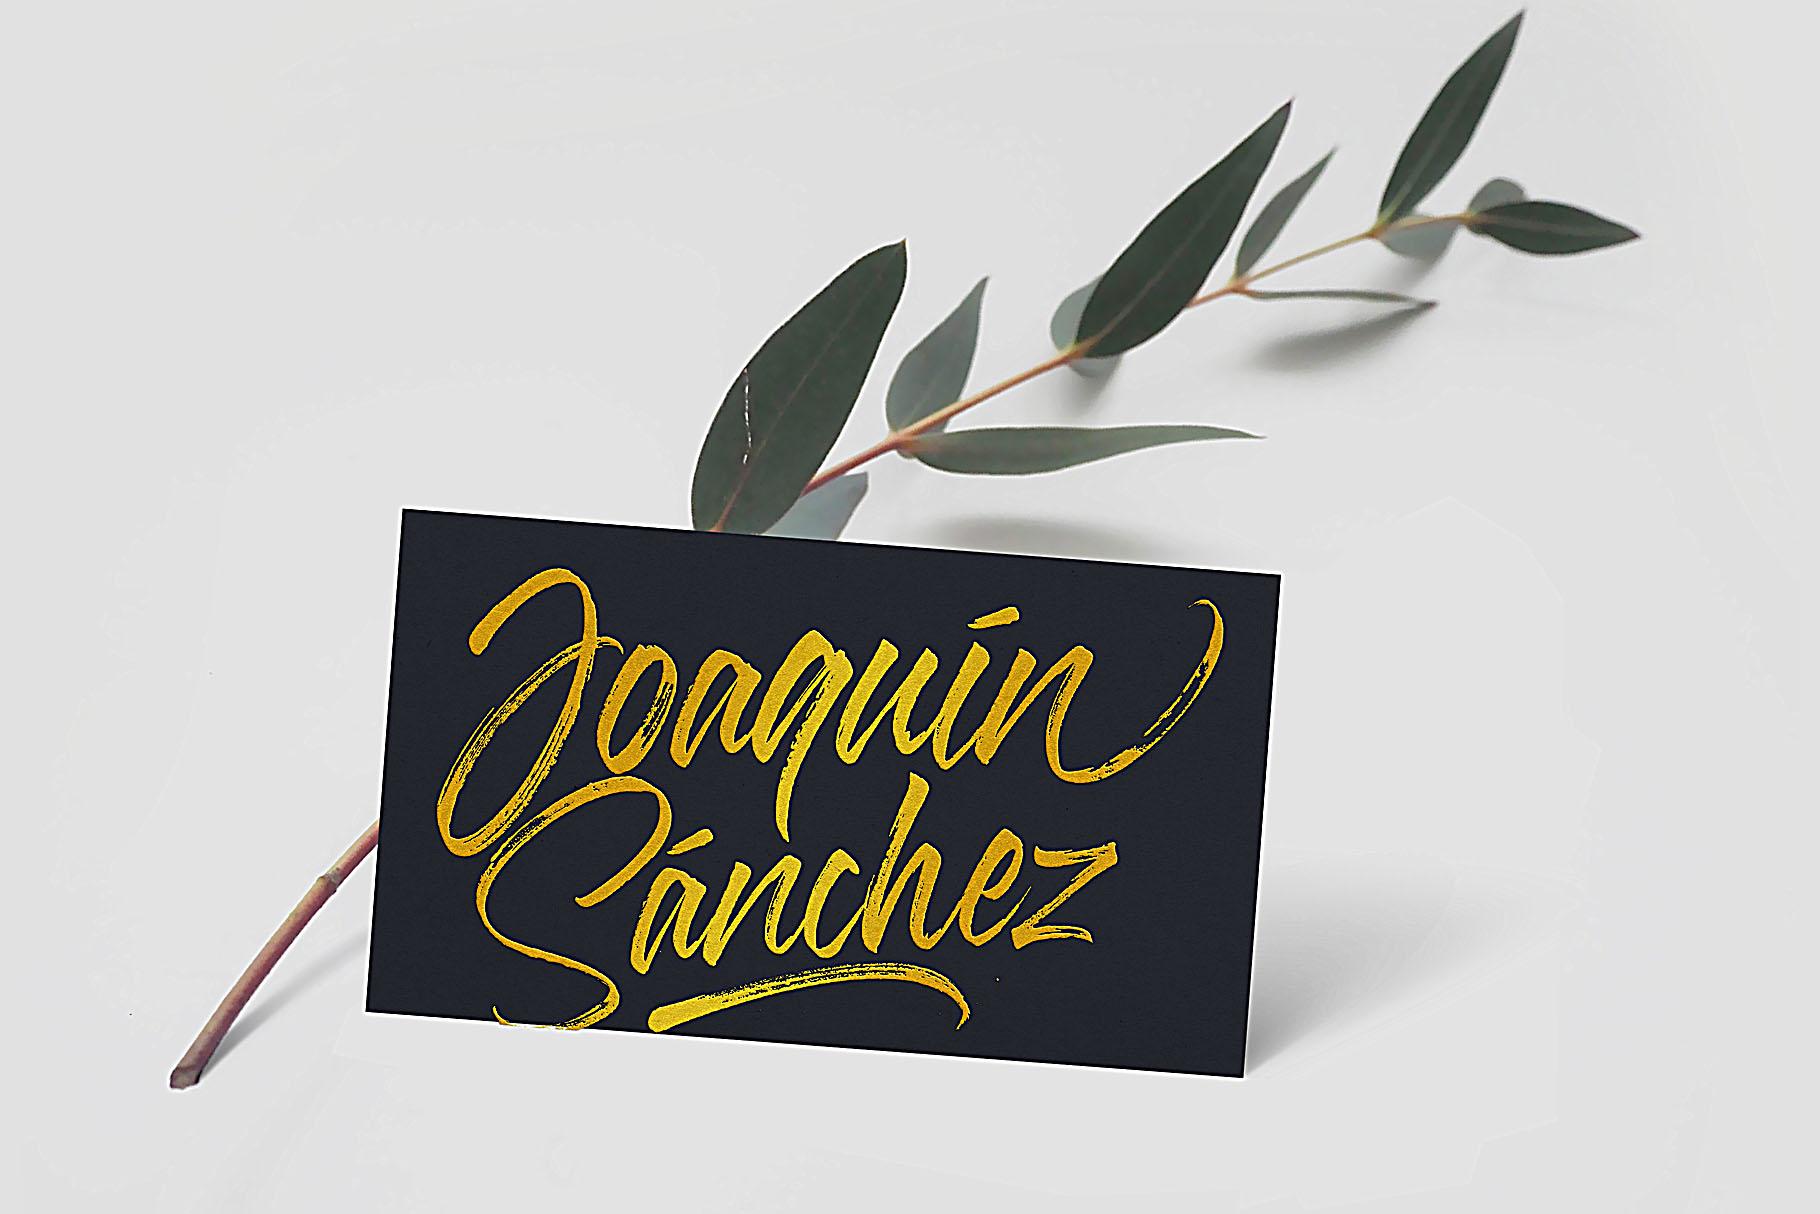 Fudelines Brush font example image 7